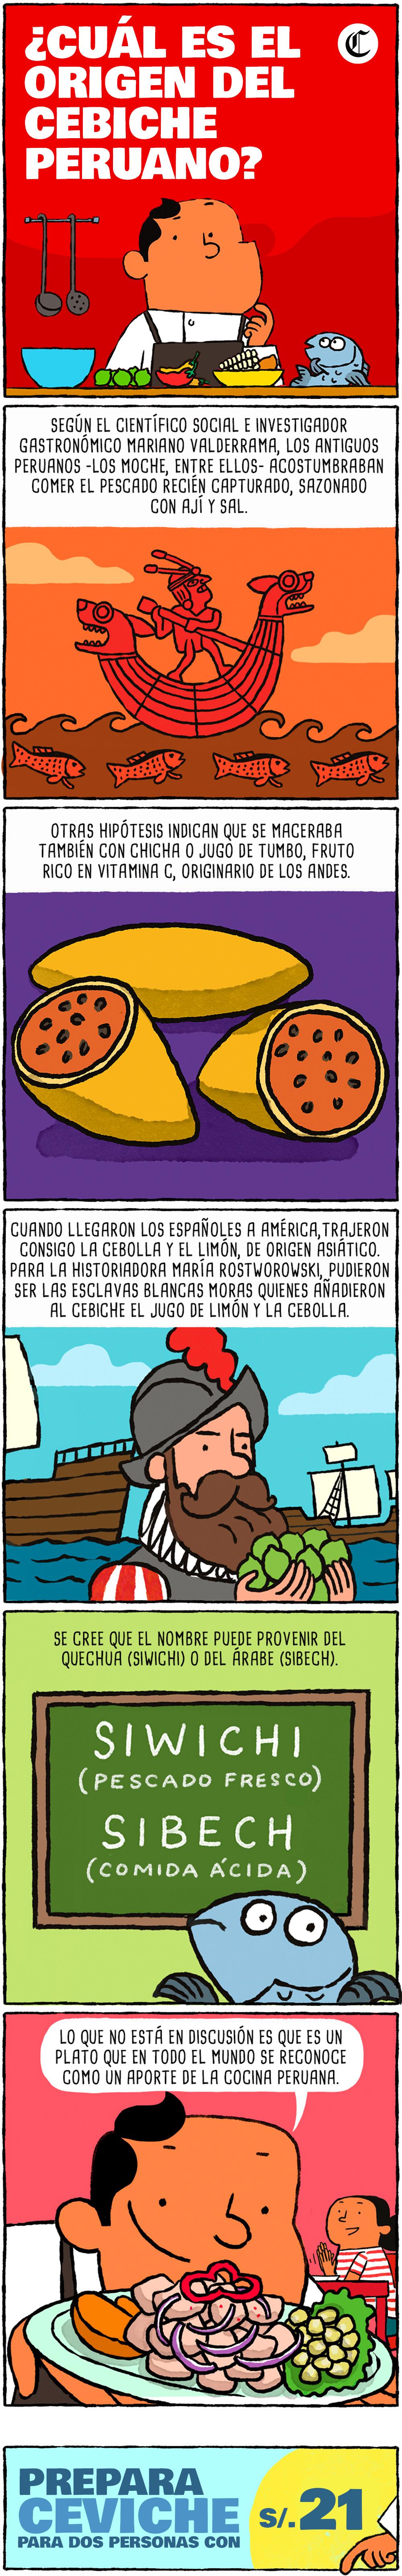 ¿Cuál es el origen del ceviche peruano? y ¿cómo puedo preparlo para dos con 21 soles?